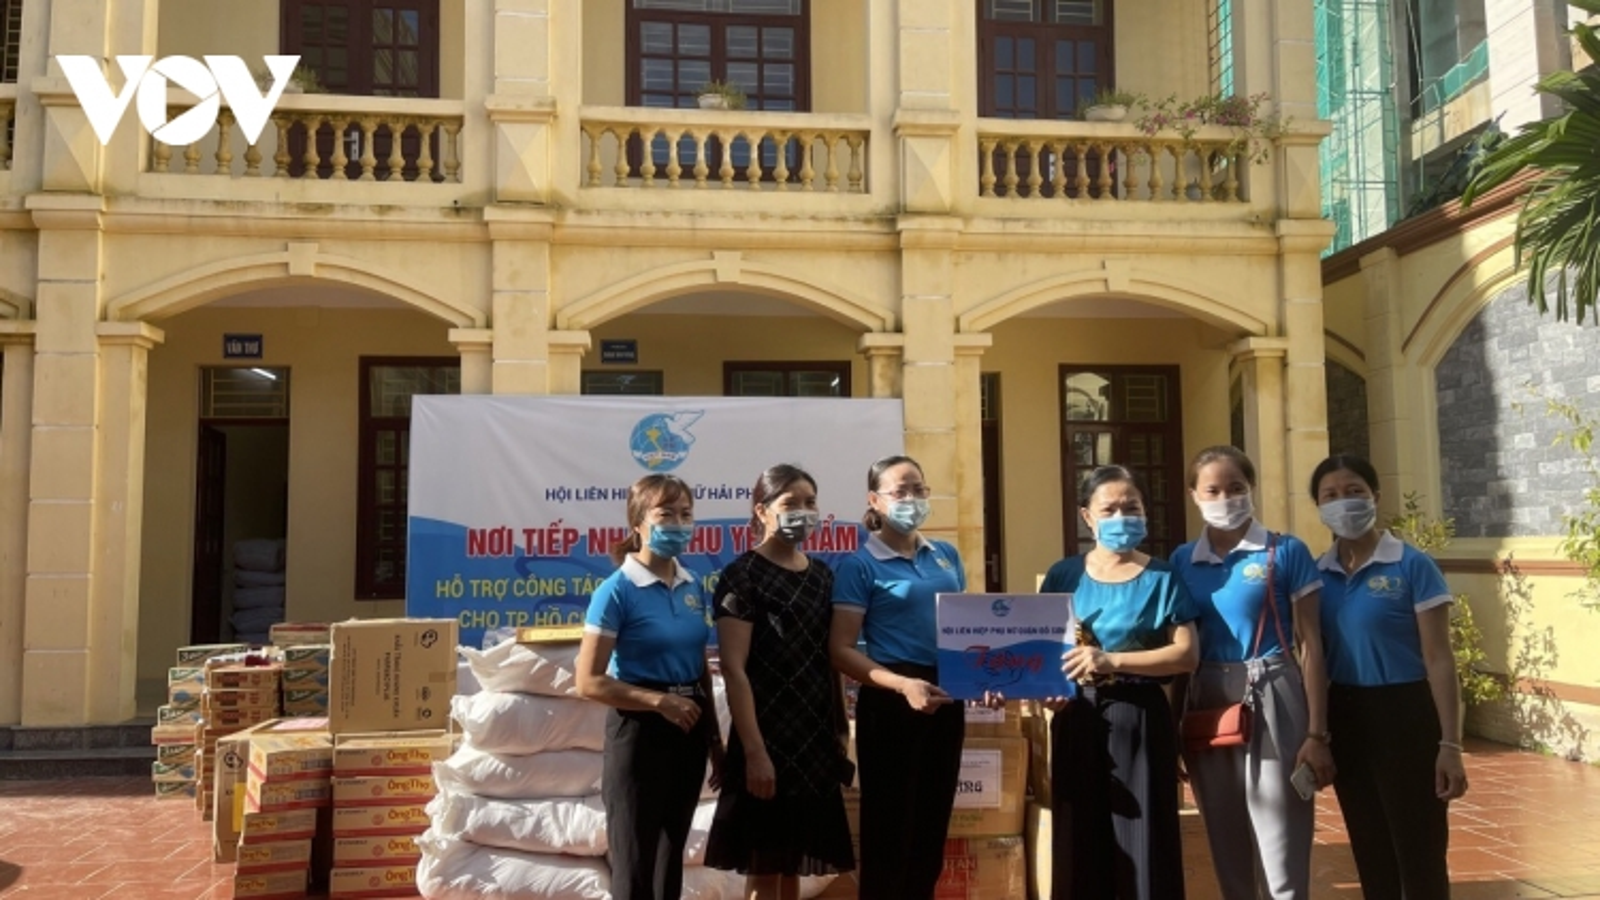 Hải Phòng chi gần 6 tỉ đồng hỗ trợ người dân địa phương sốngtại TP.HCM gặp khó khăn